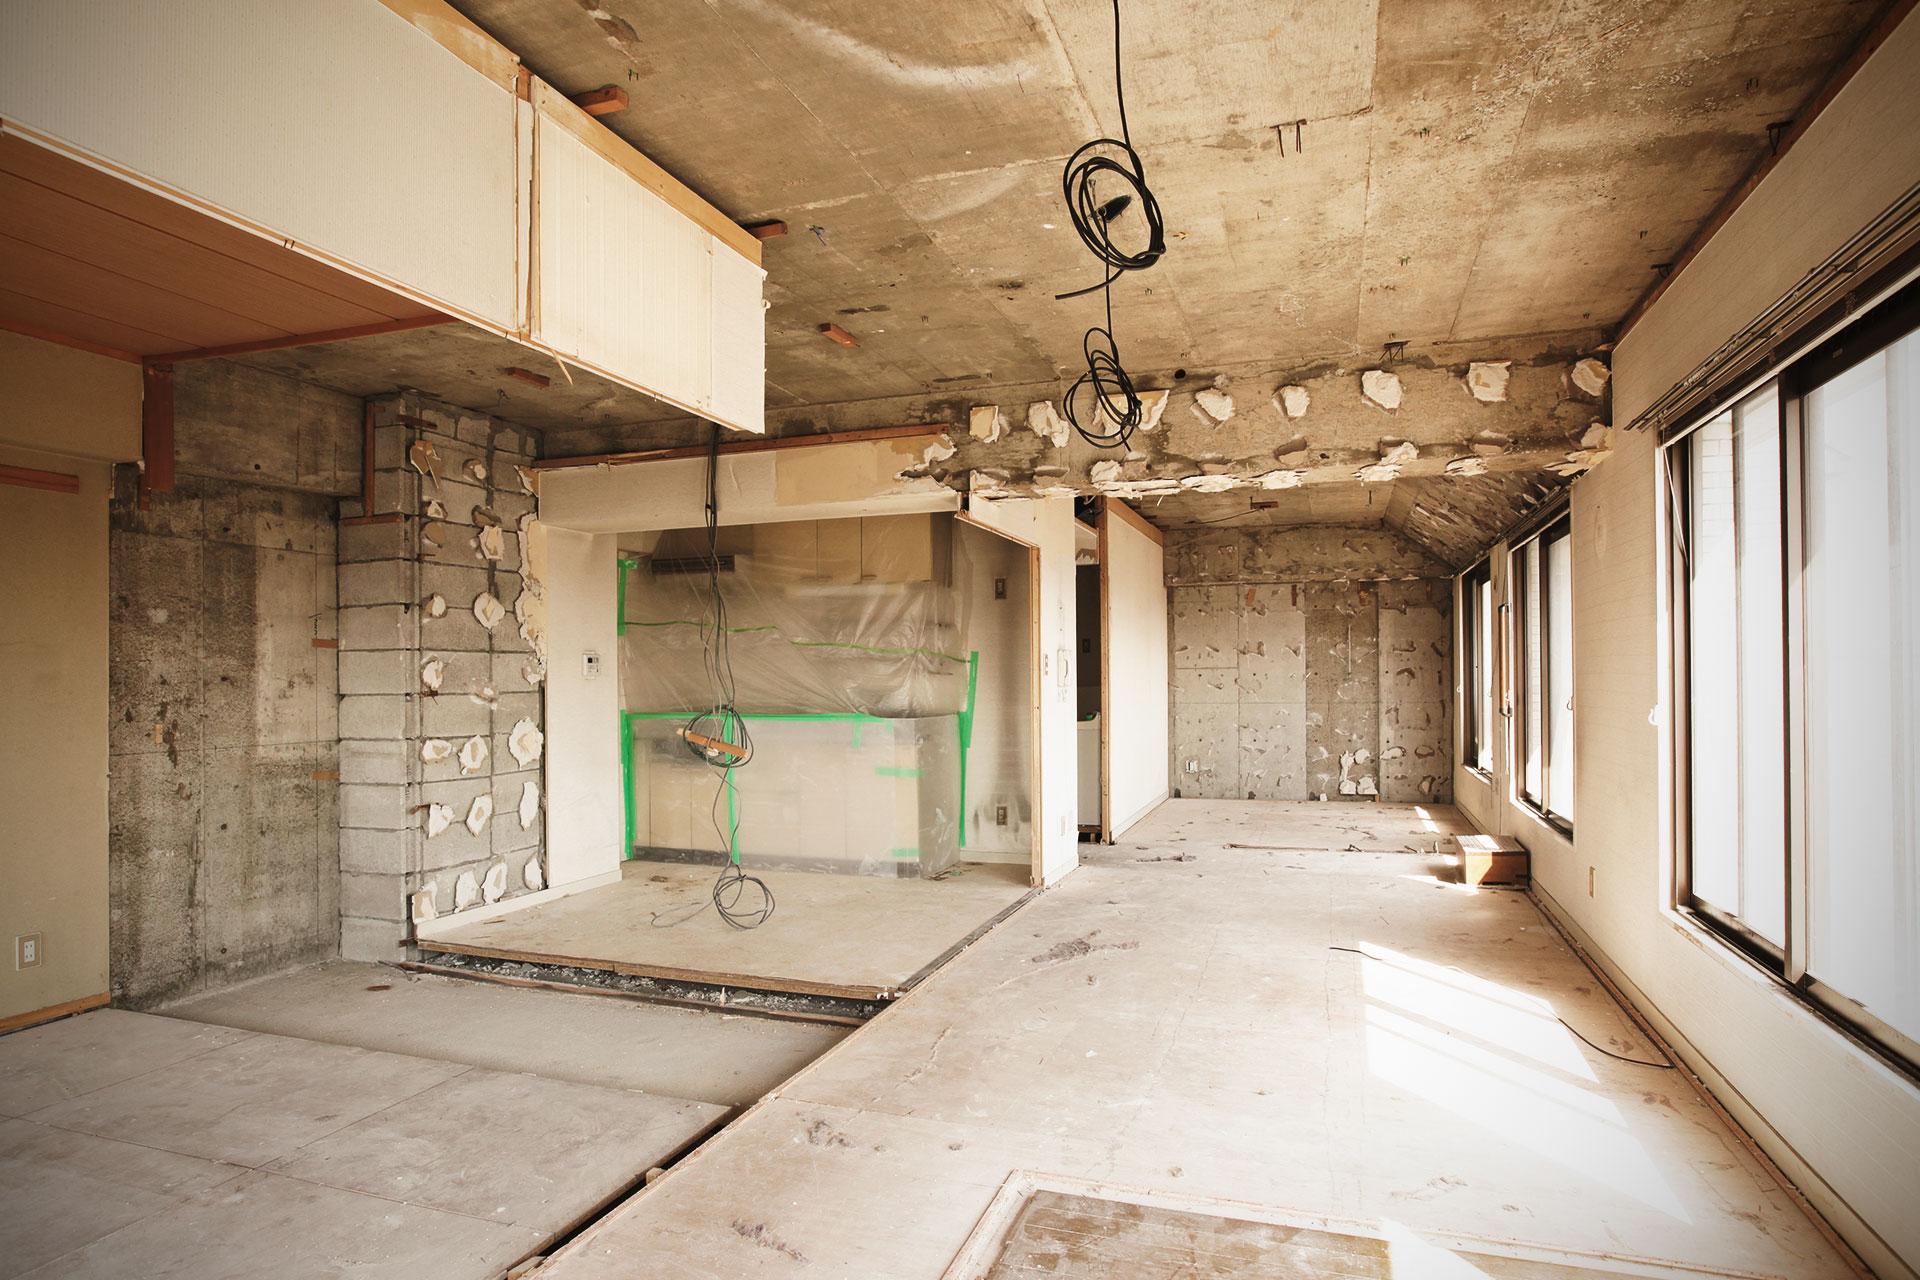 Agevolazioni prima casa per demolizione e ricostruzione